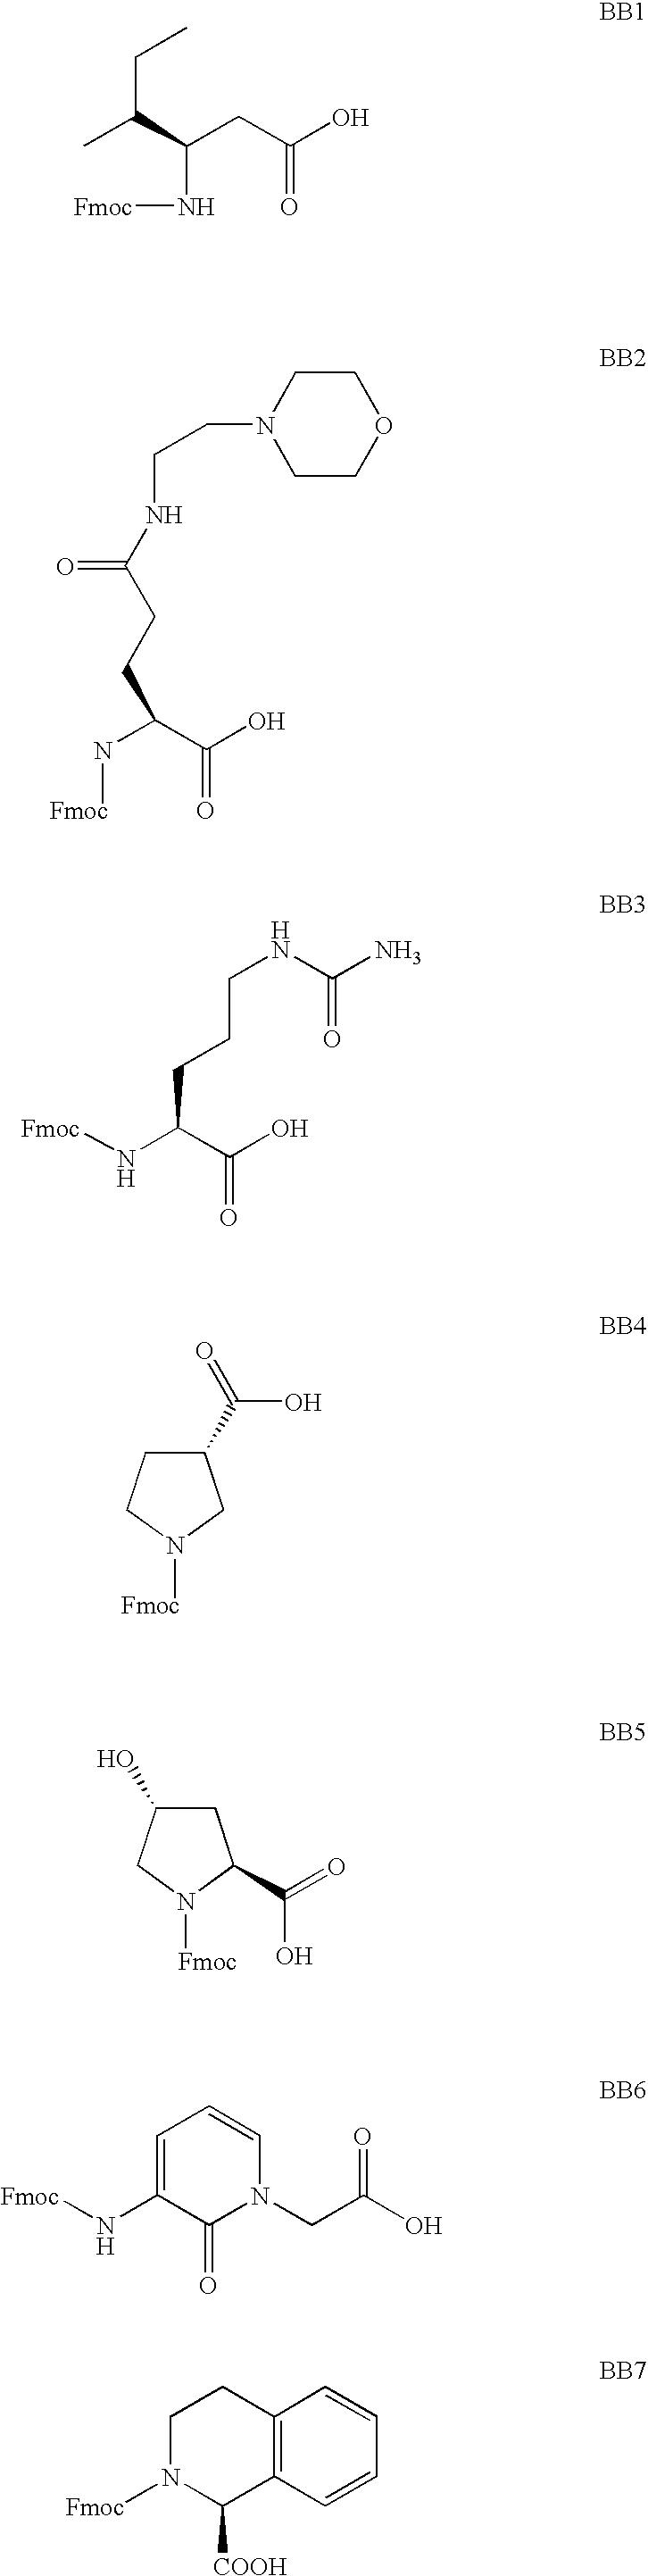 Figure US07972994-20110705-C00115